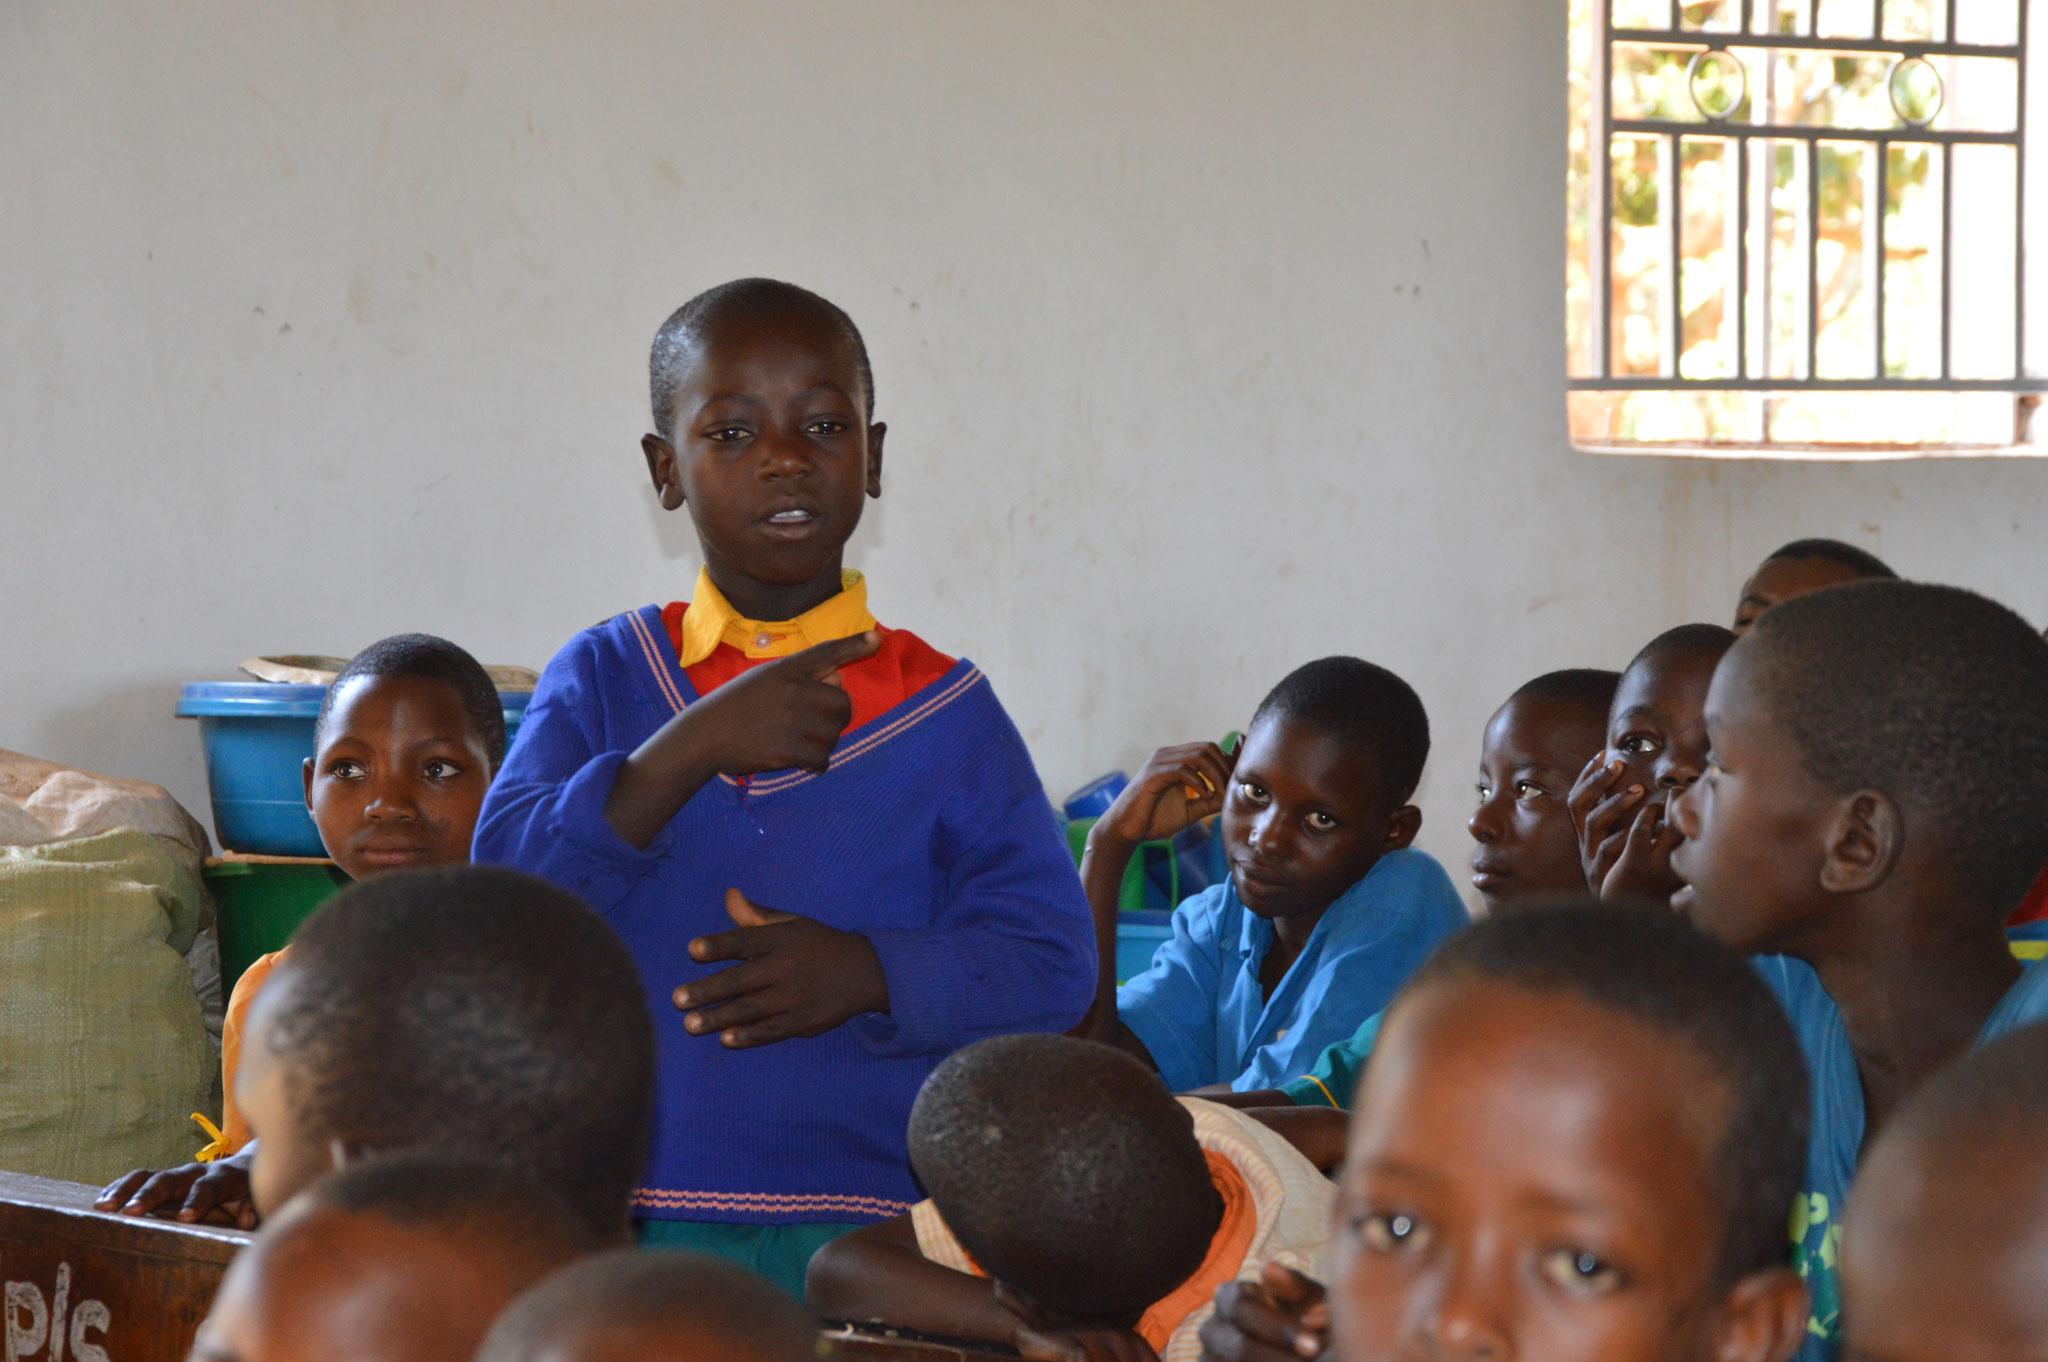 Ein Schüler berichtet über die Schule